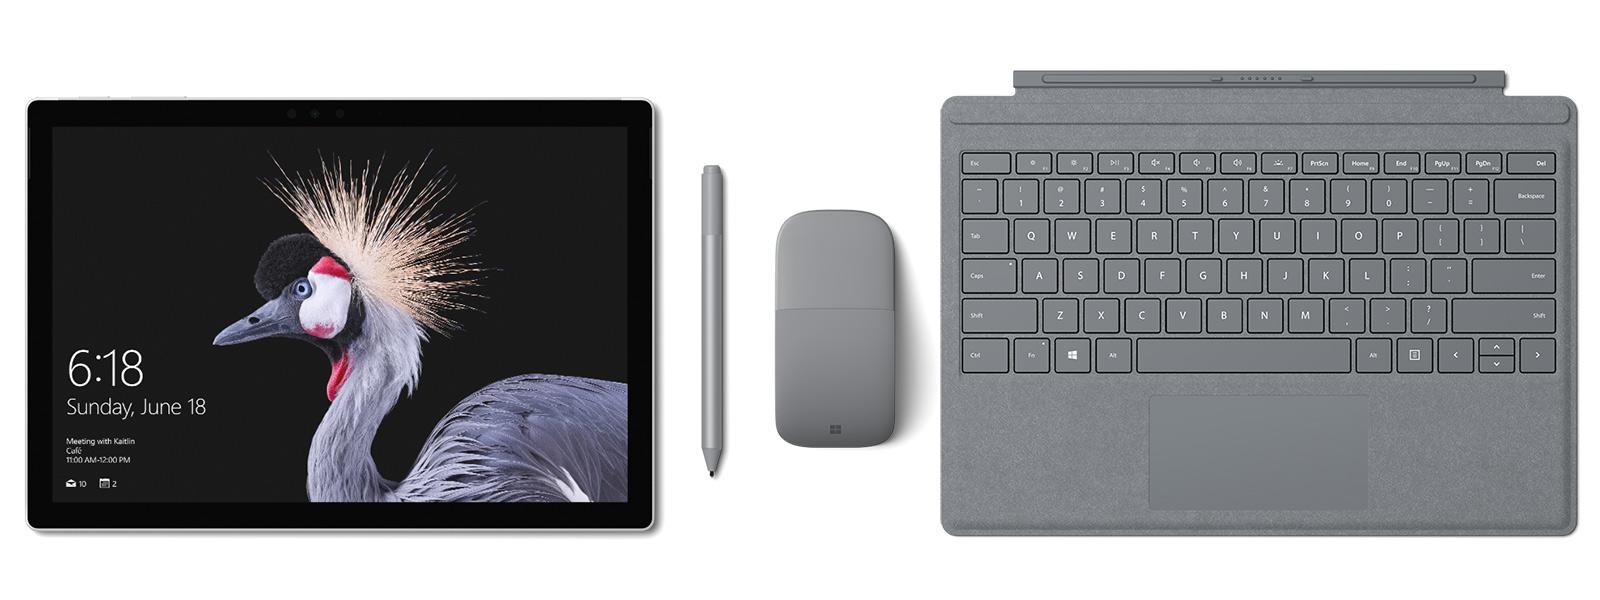 带亮铂金 Surface Pro 特制版专业键盘盖、Surface 触控笔和 Surface Arc Mouse 的 Surface Pro 的图像。Surface 触控笔陪伴左右。